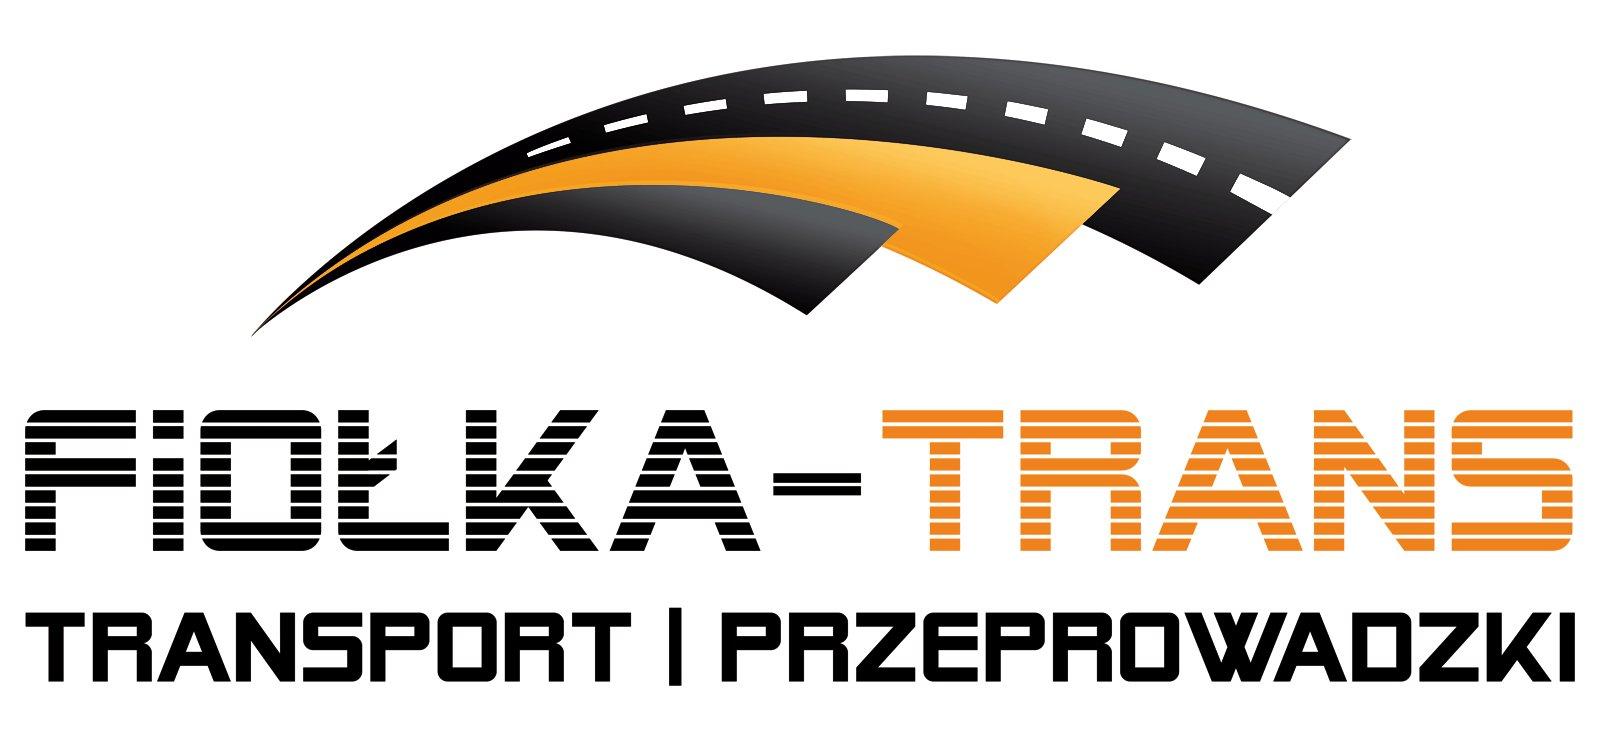 Tanie przeprowadzki i Transpor - Opole, Opolskie